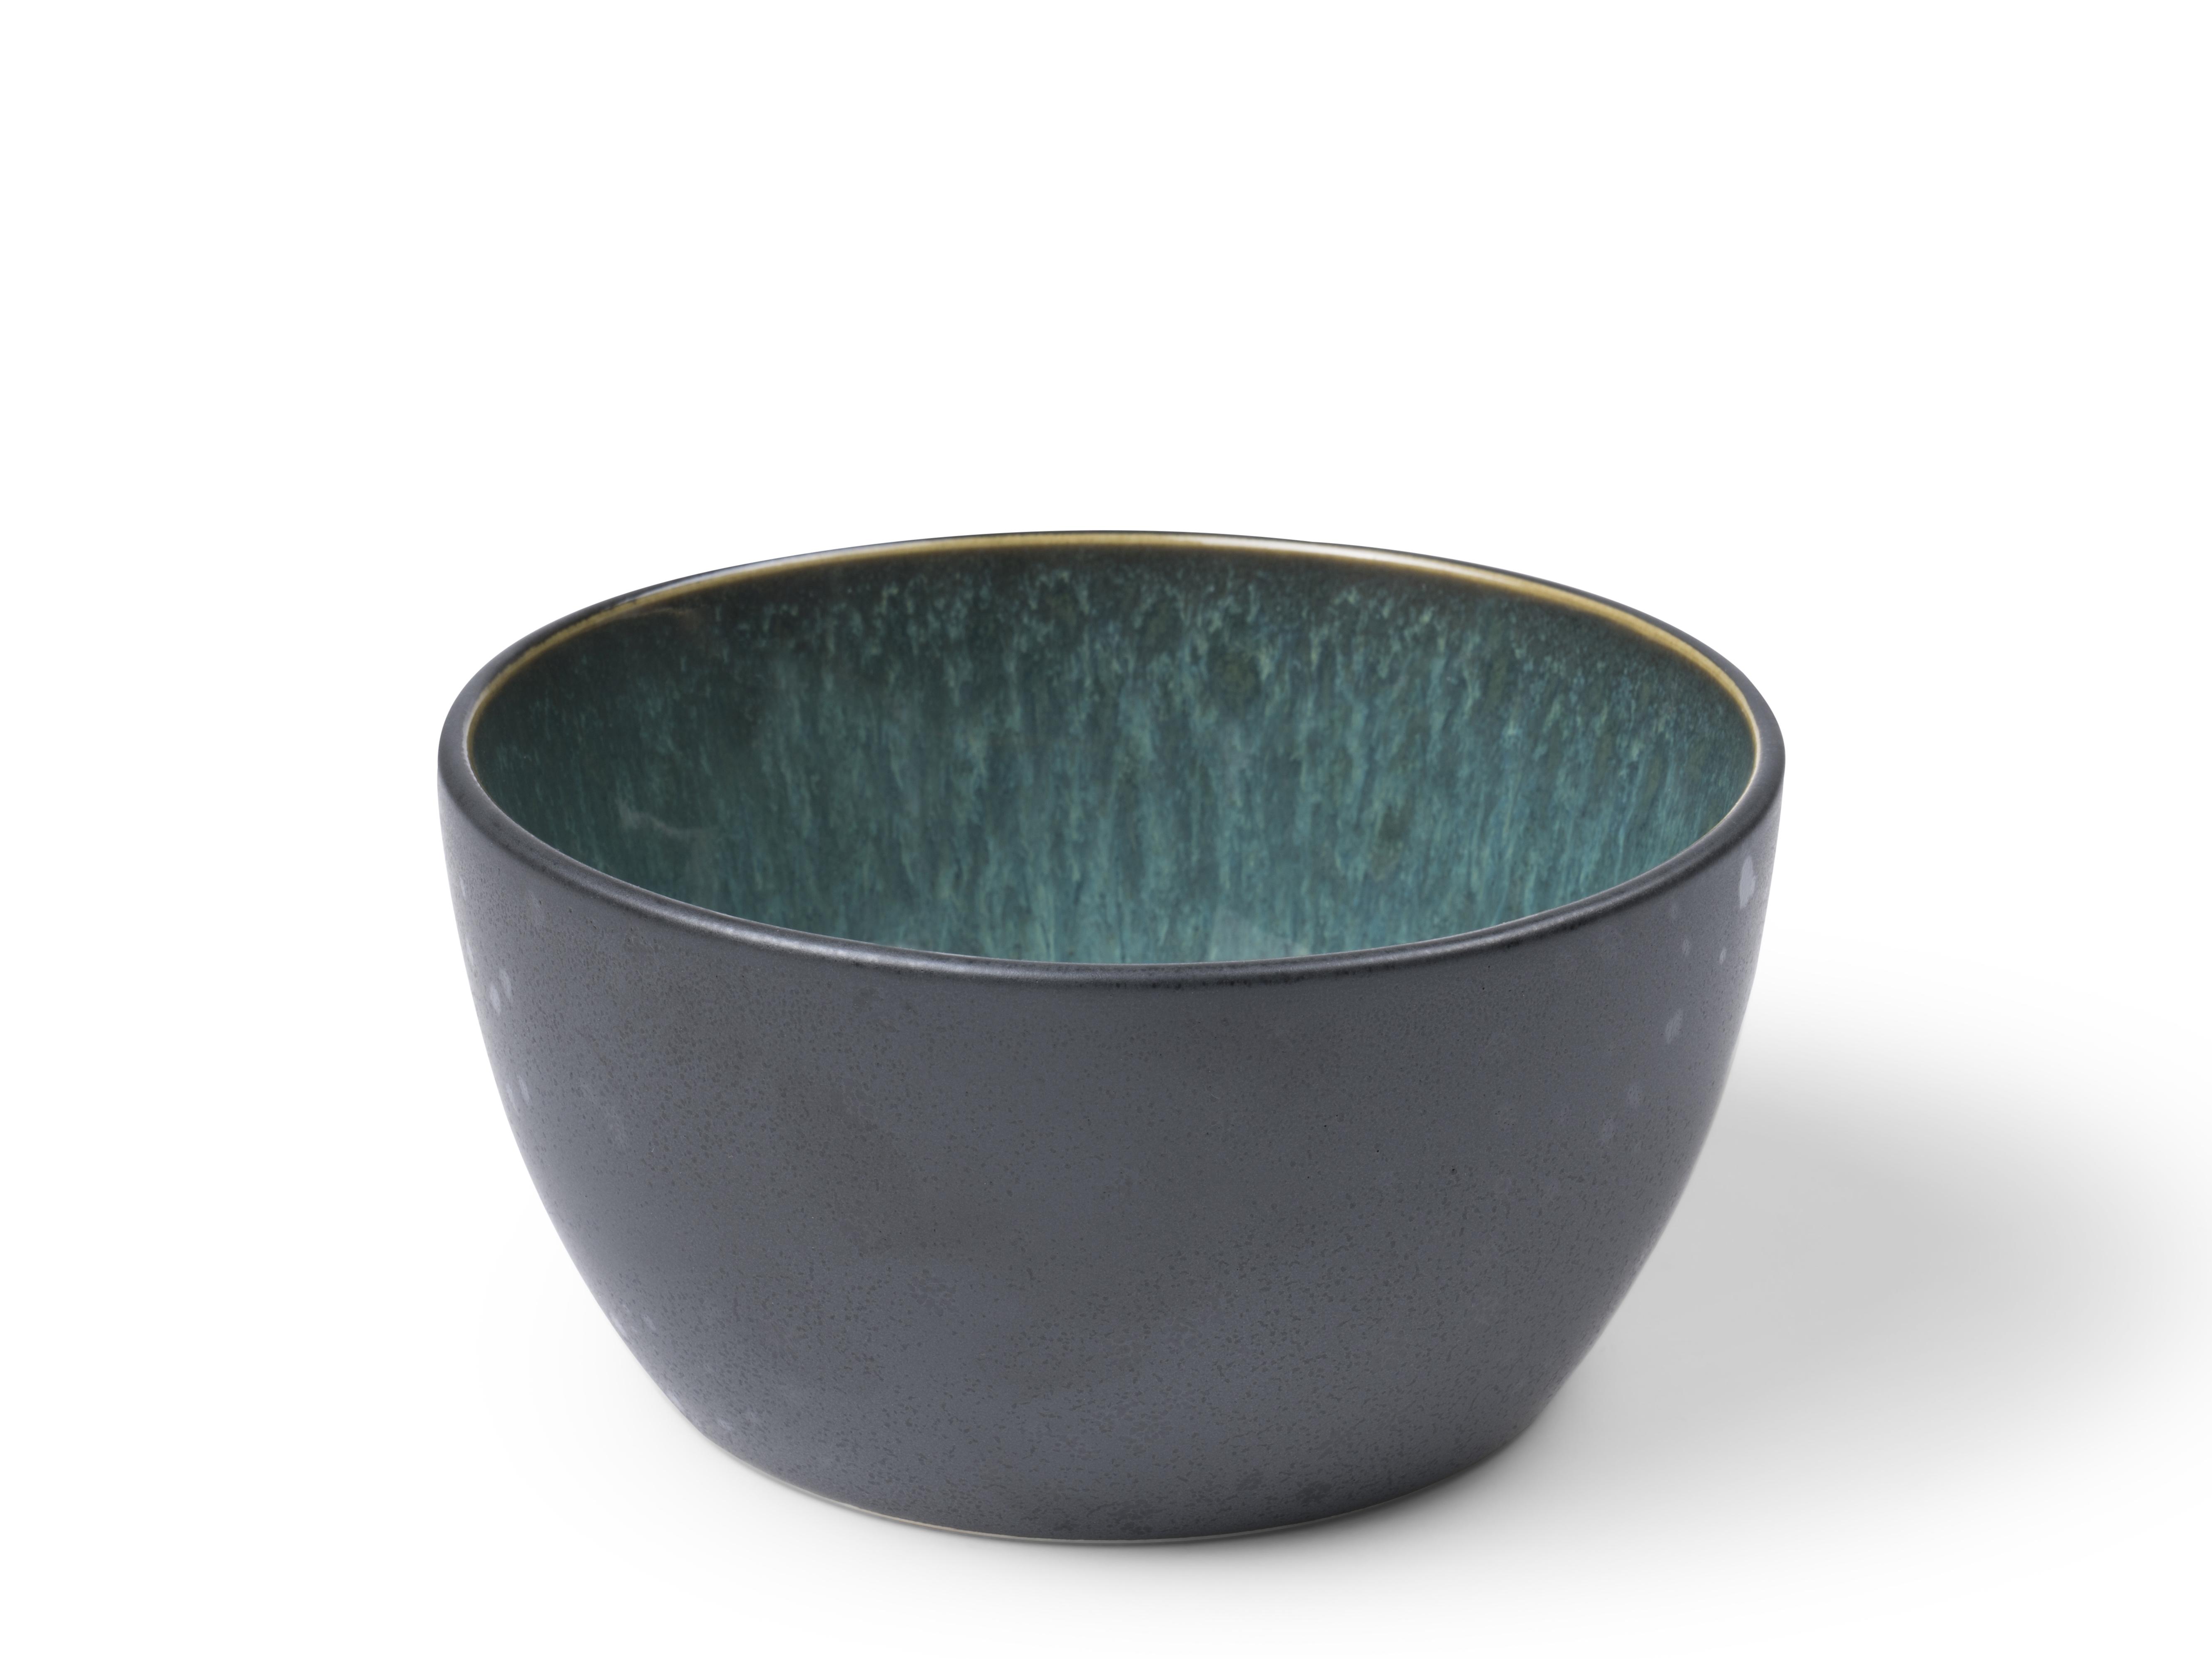 Bitz skål, Ø14 cm, grå